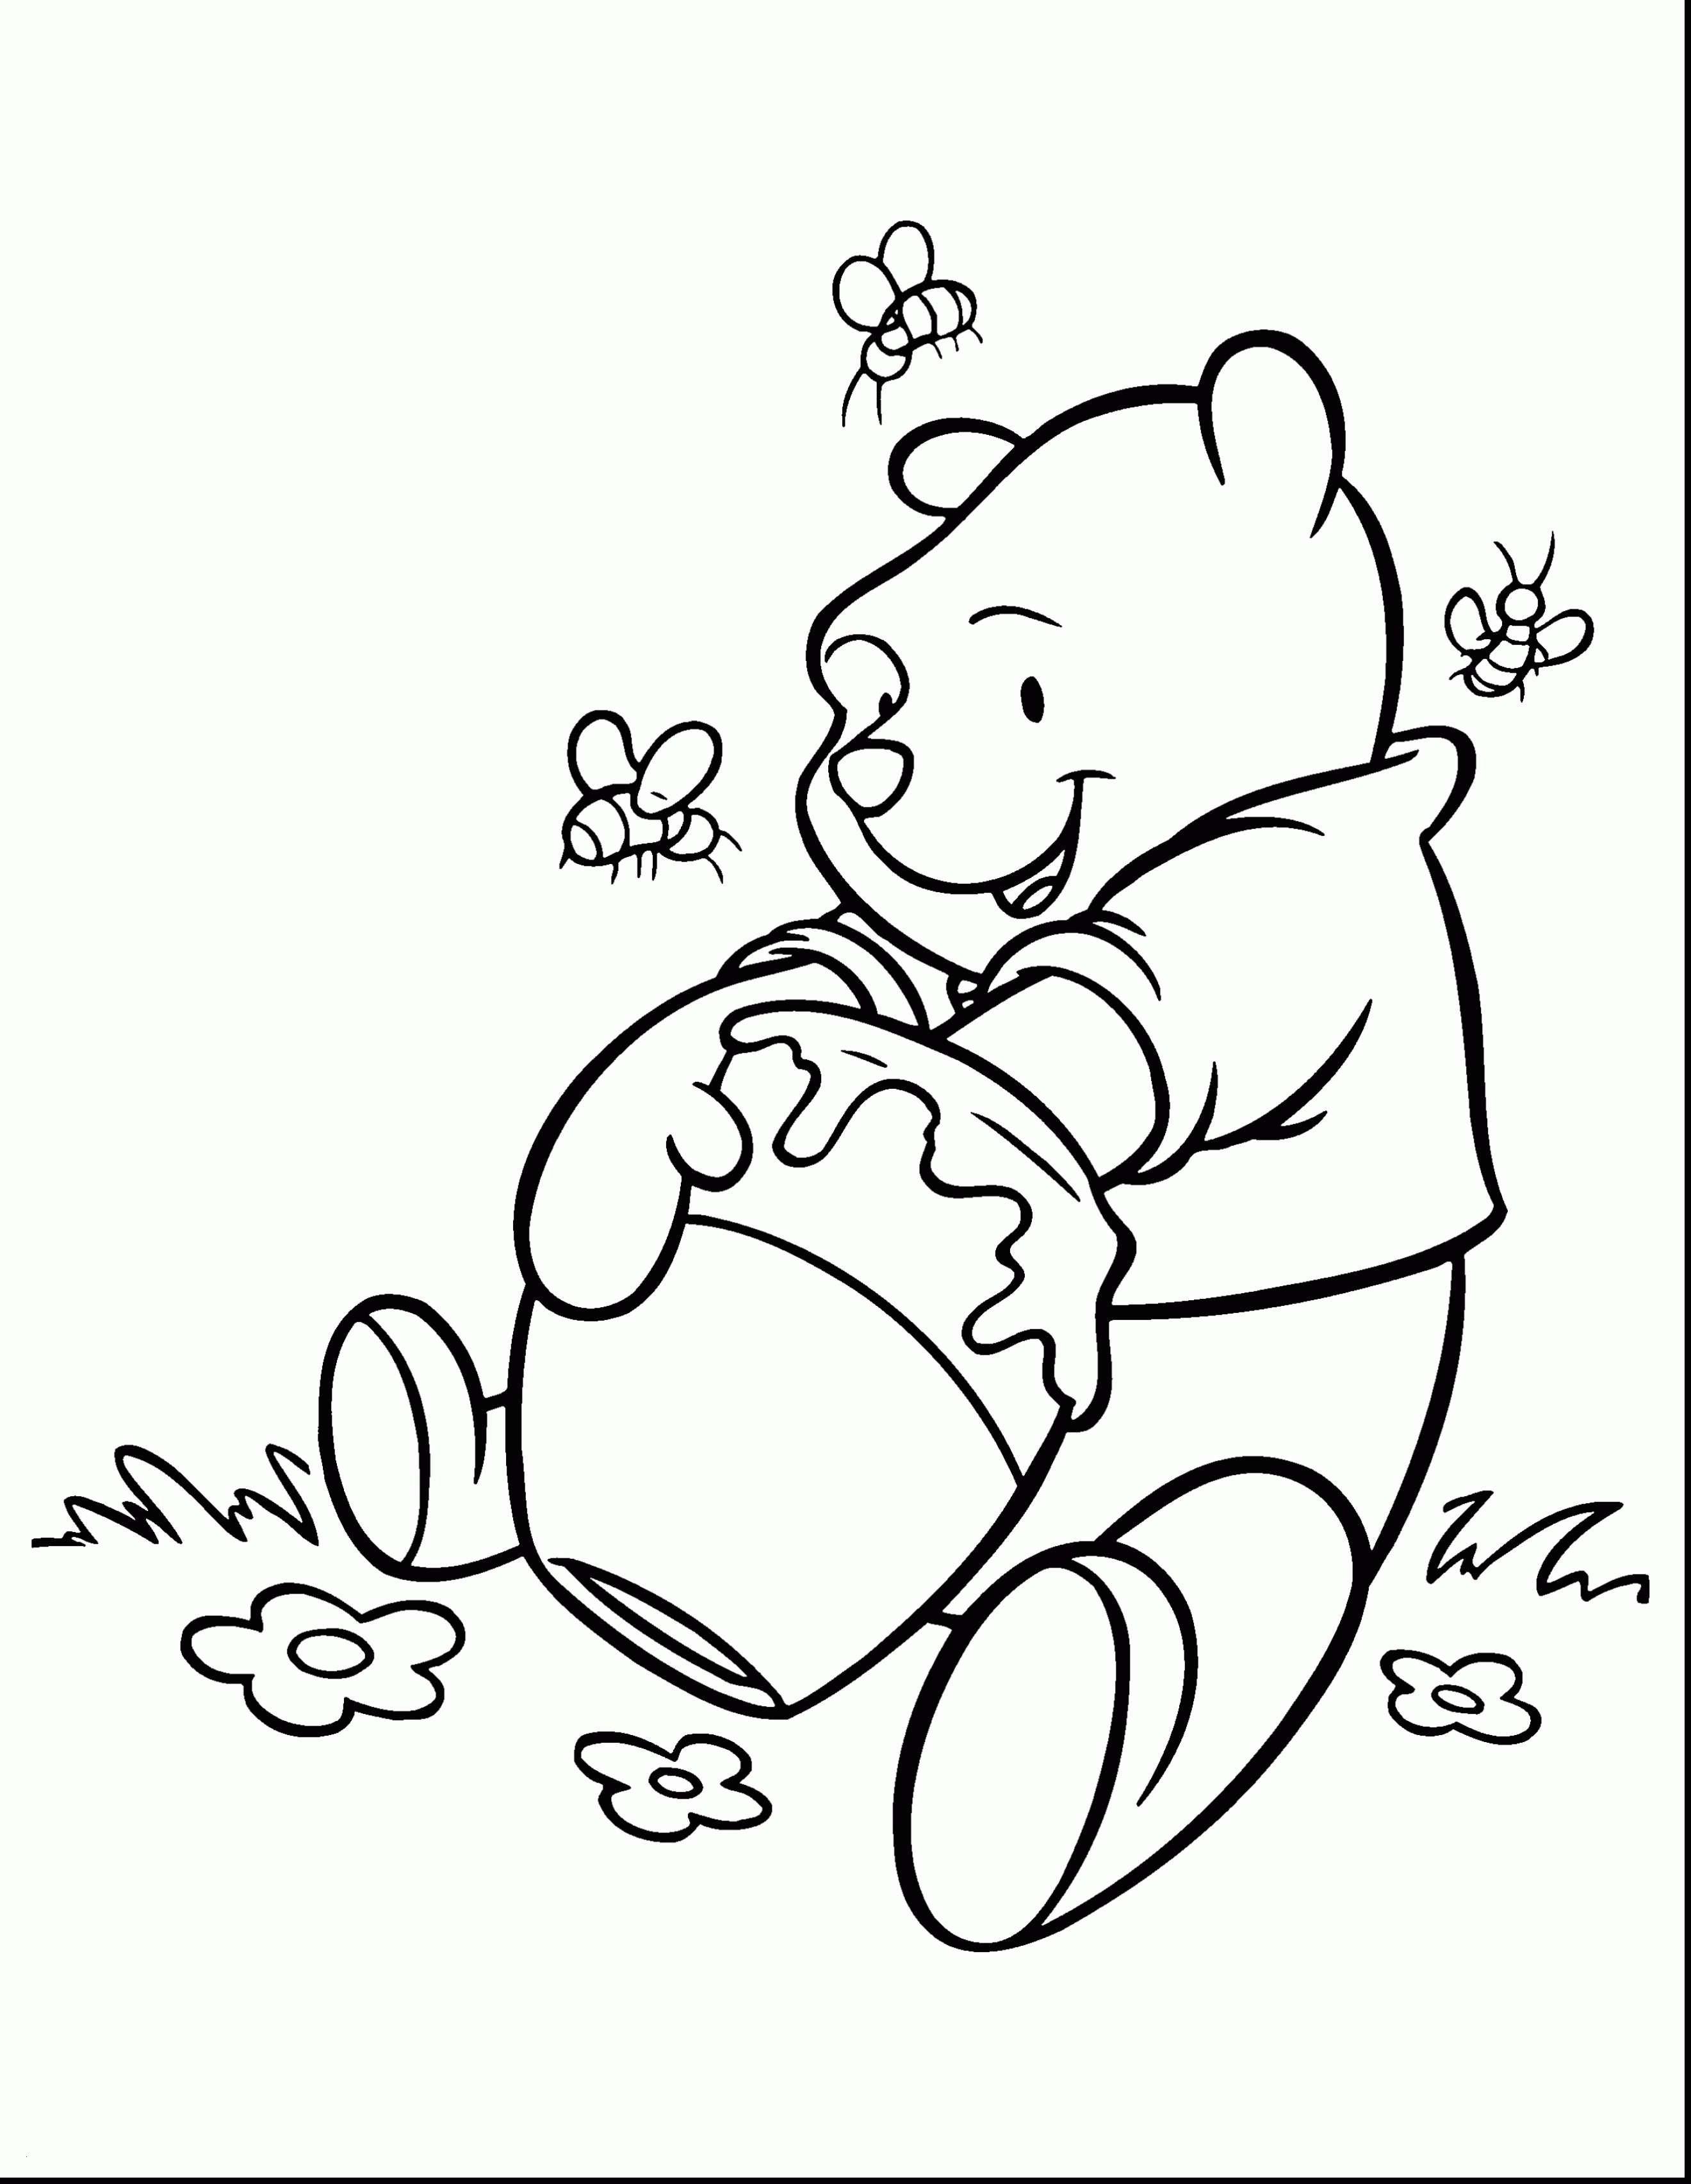 Winni Pooh Ausmalbilder Das Beste Von 37 Ausmalbilder Winnie Puuh Scoredatscore Einzigartig Ausmalbilder Bilder